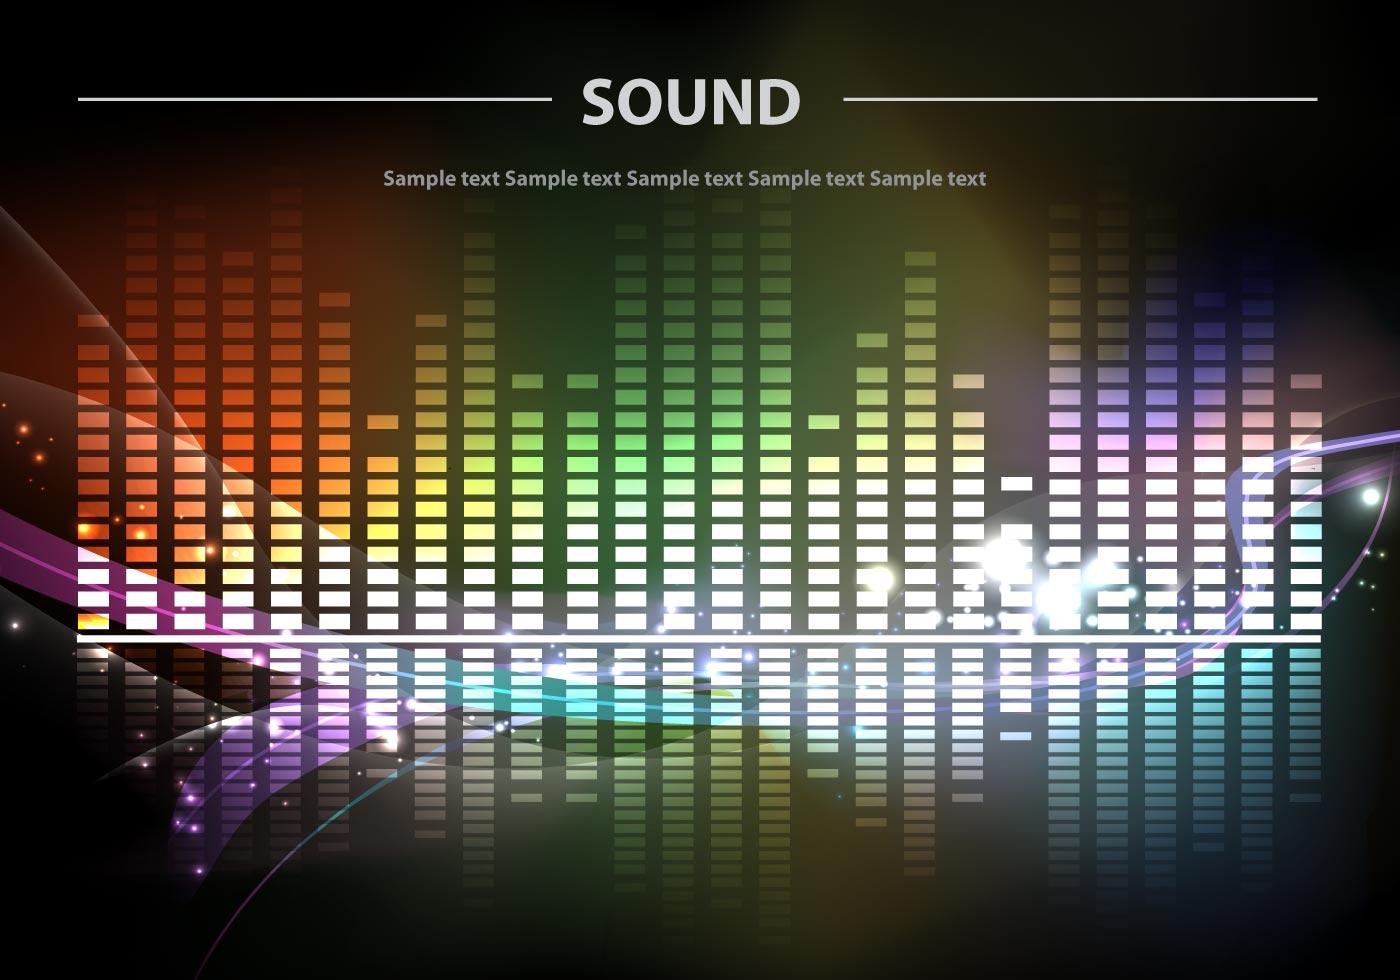 Sound Bar Background Sound Bars Back...